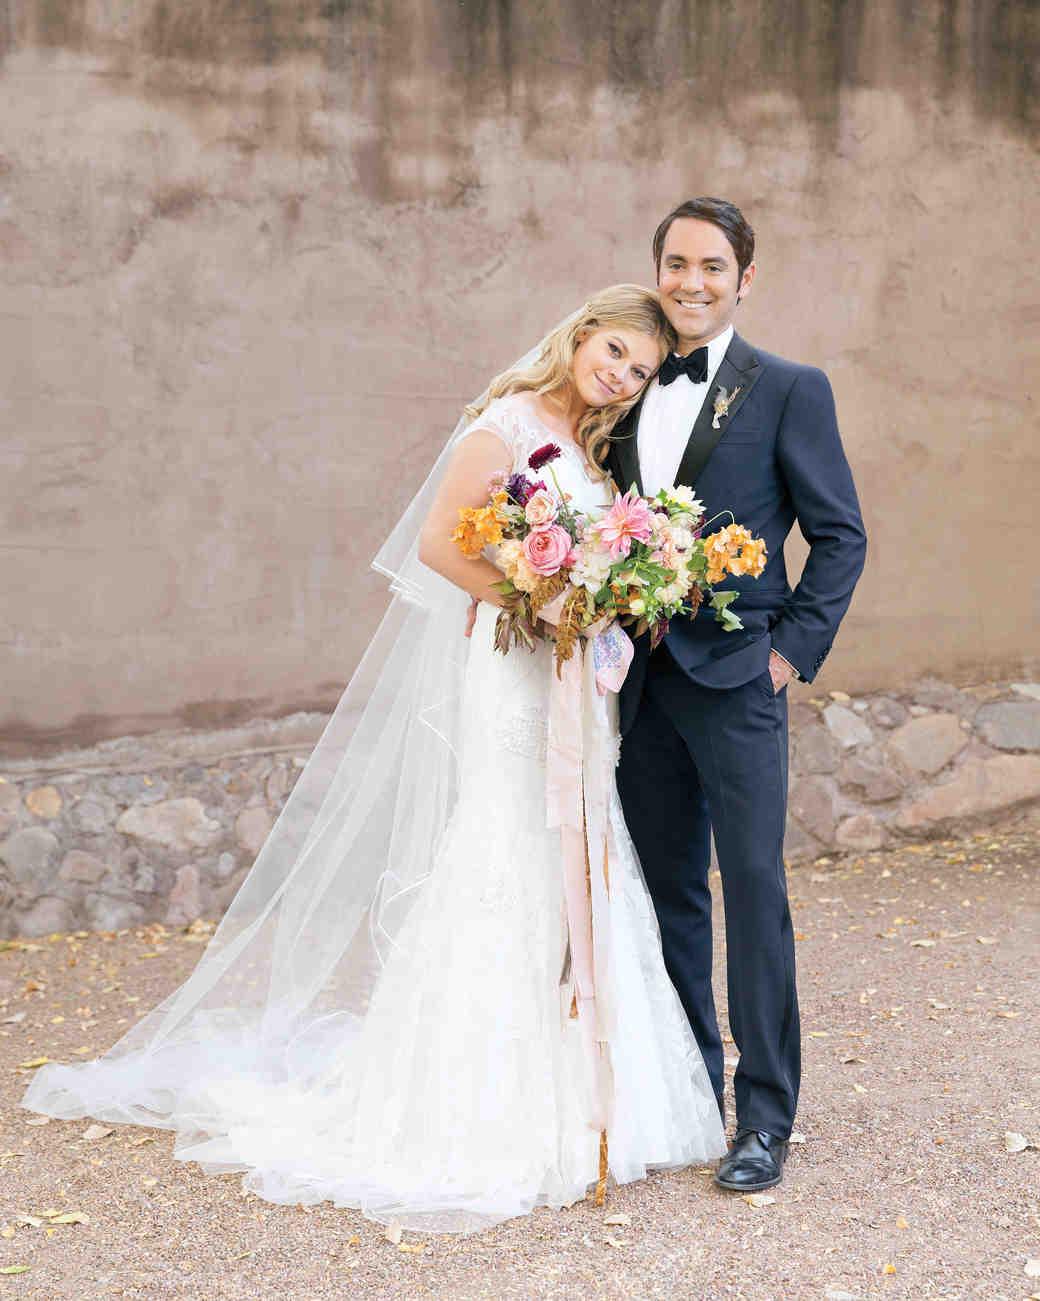 amanda-marty-wedding-marfa-texas-0789-s112329.jpg